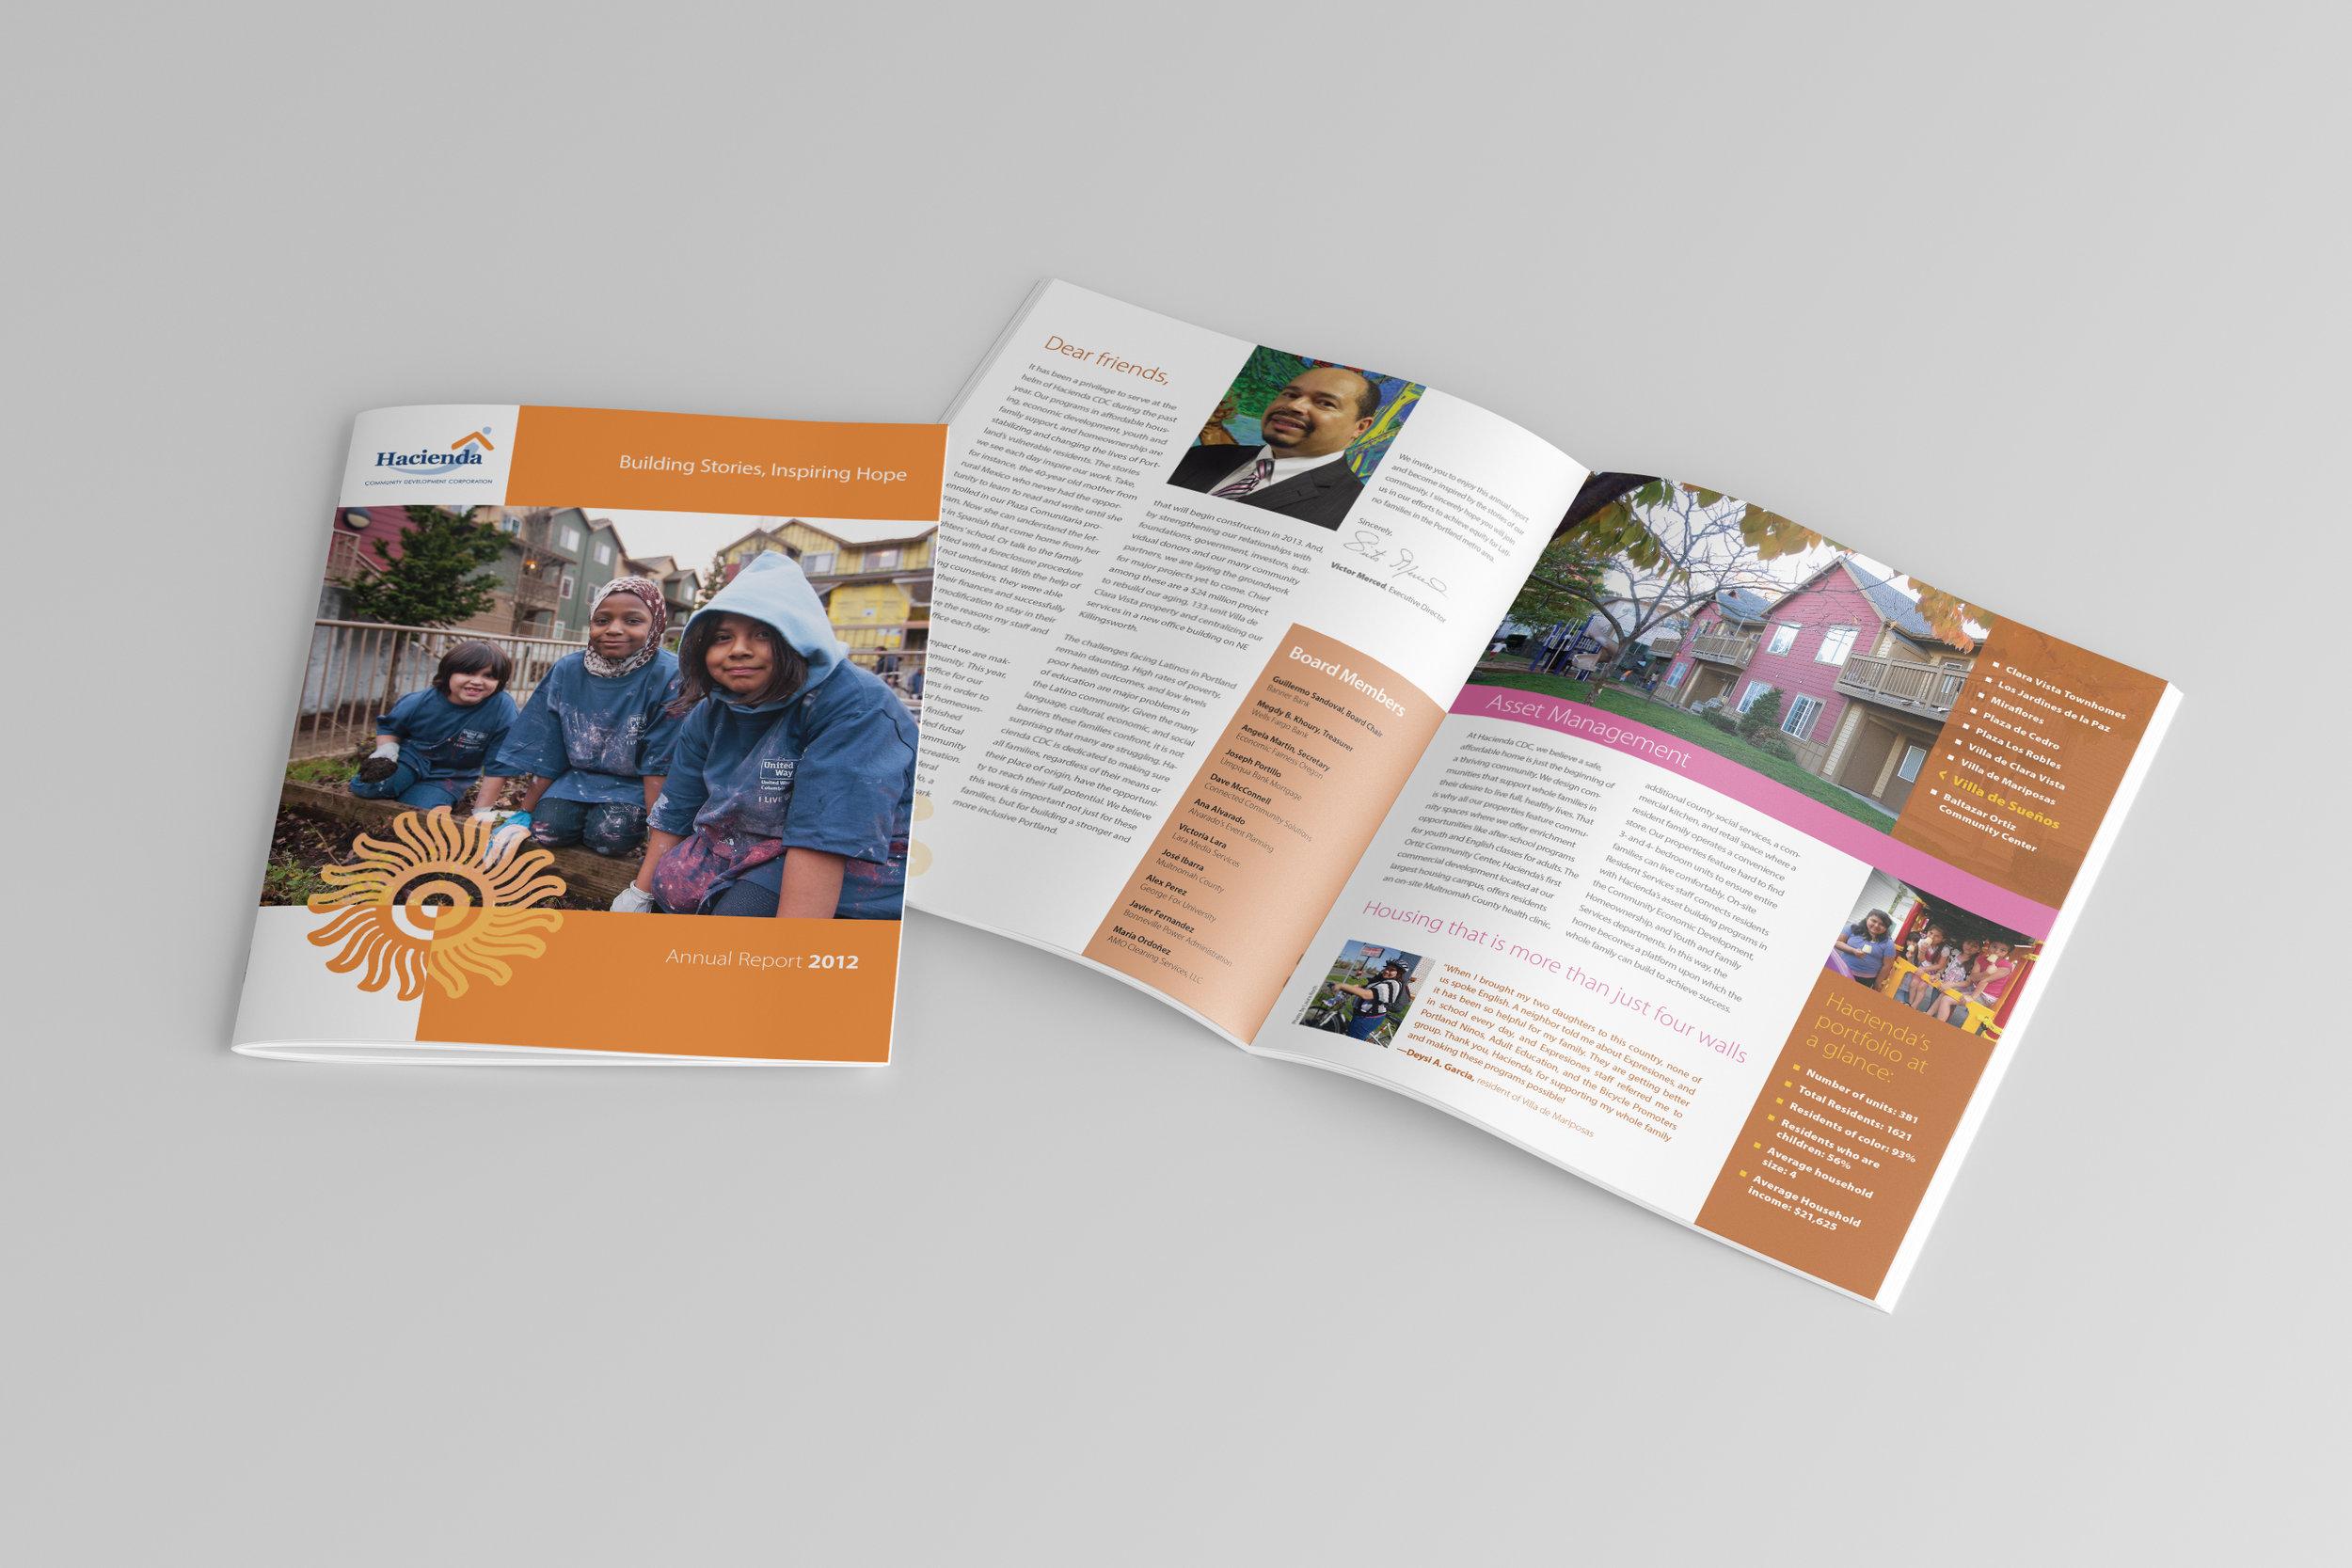 Annual report for hacienda community development corporation